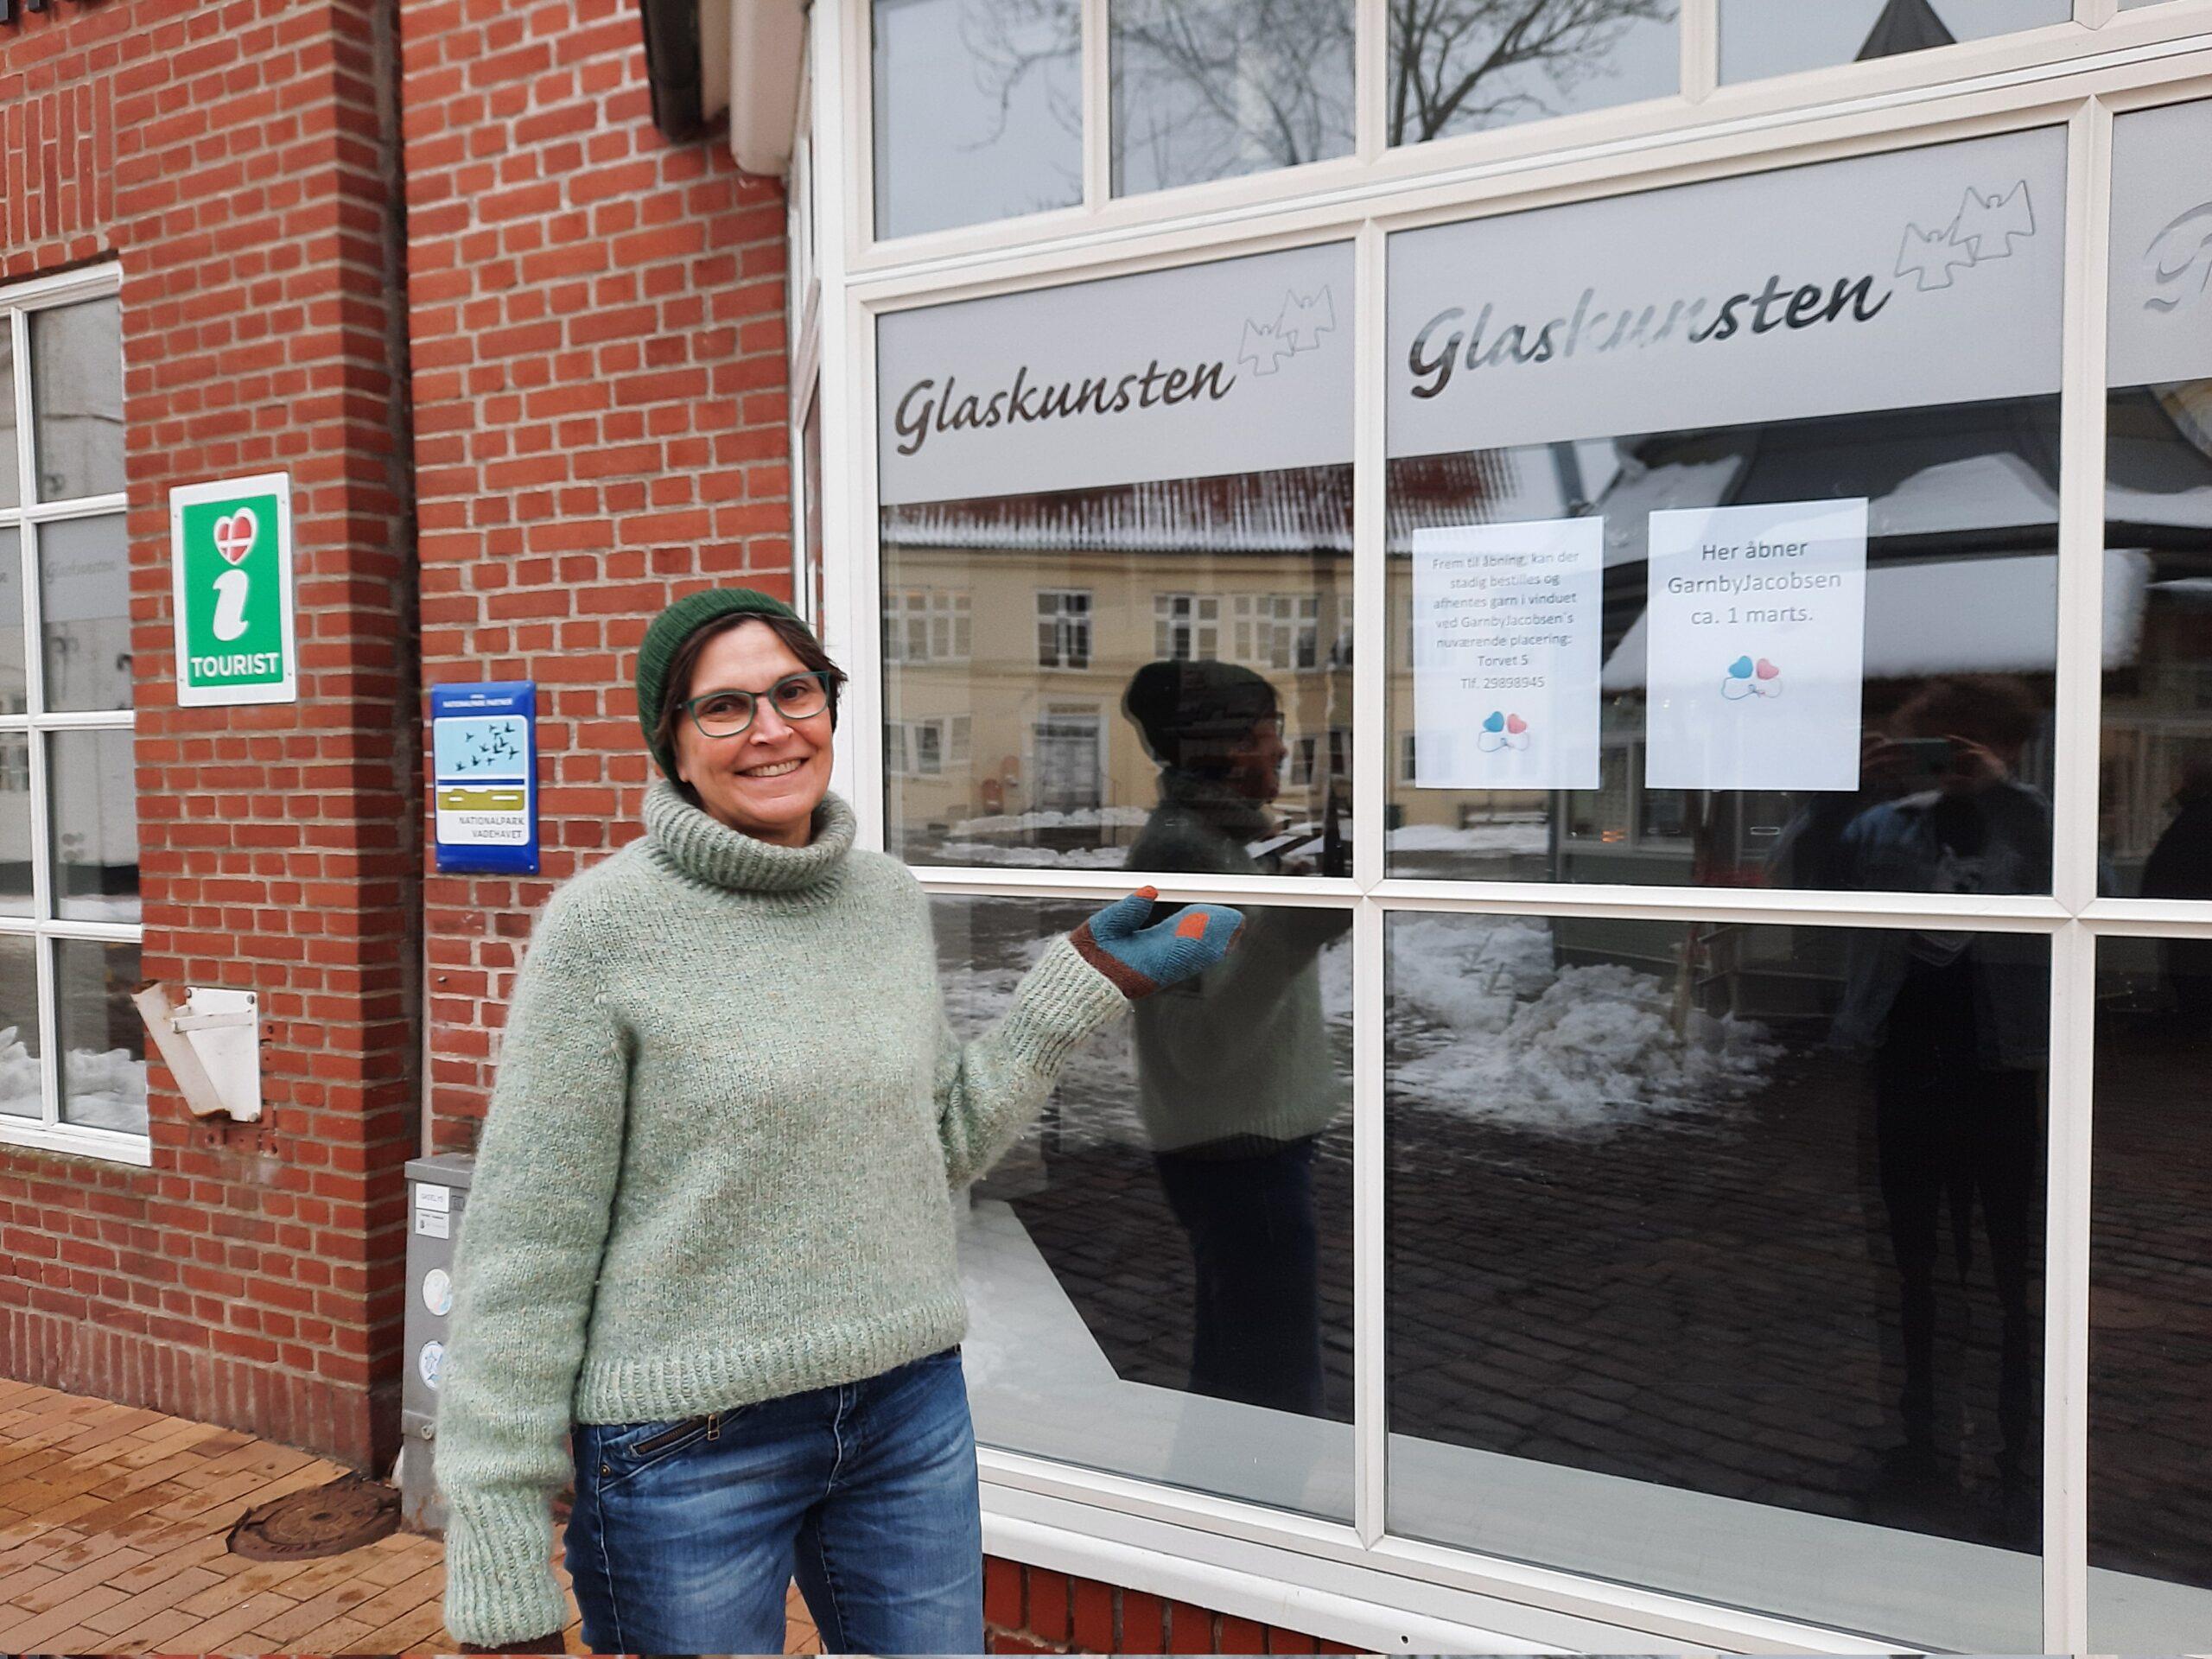 TØNDER: Garn By Jacobsen flytter ud på gågaden 1. marts